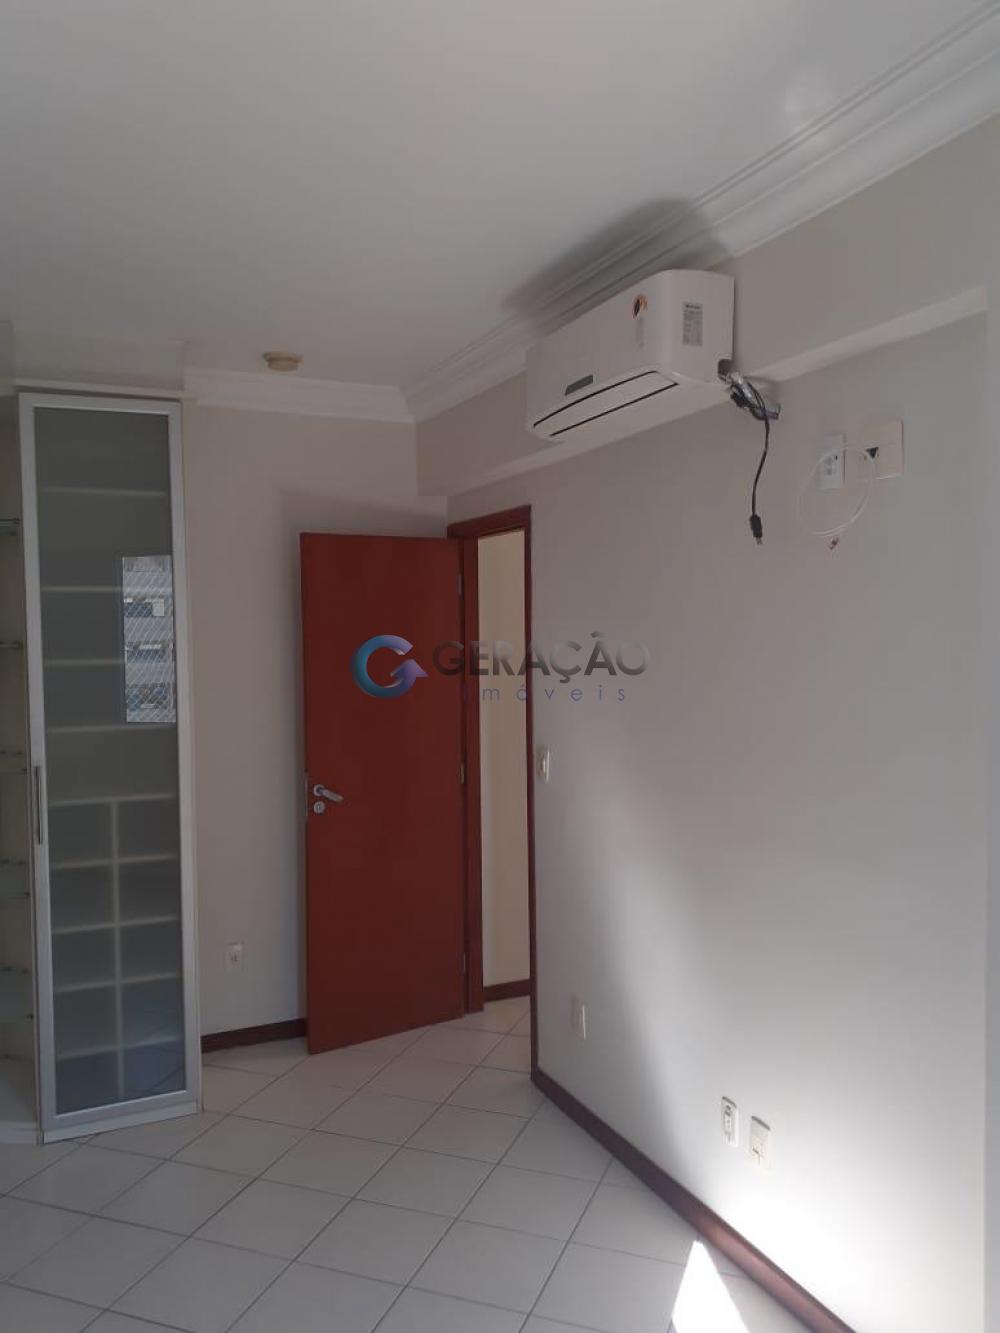 Alugar Apartamento / Padrão em São José dos Campos apenas R$ 1.650,00 - Foto 3